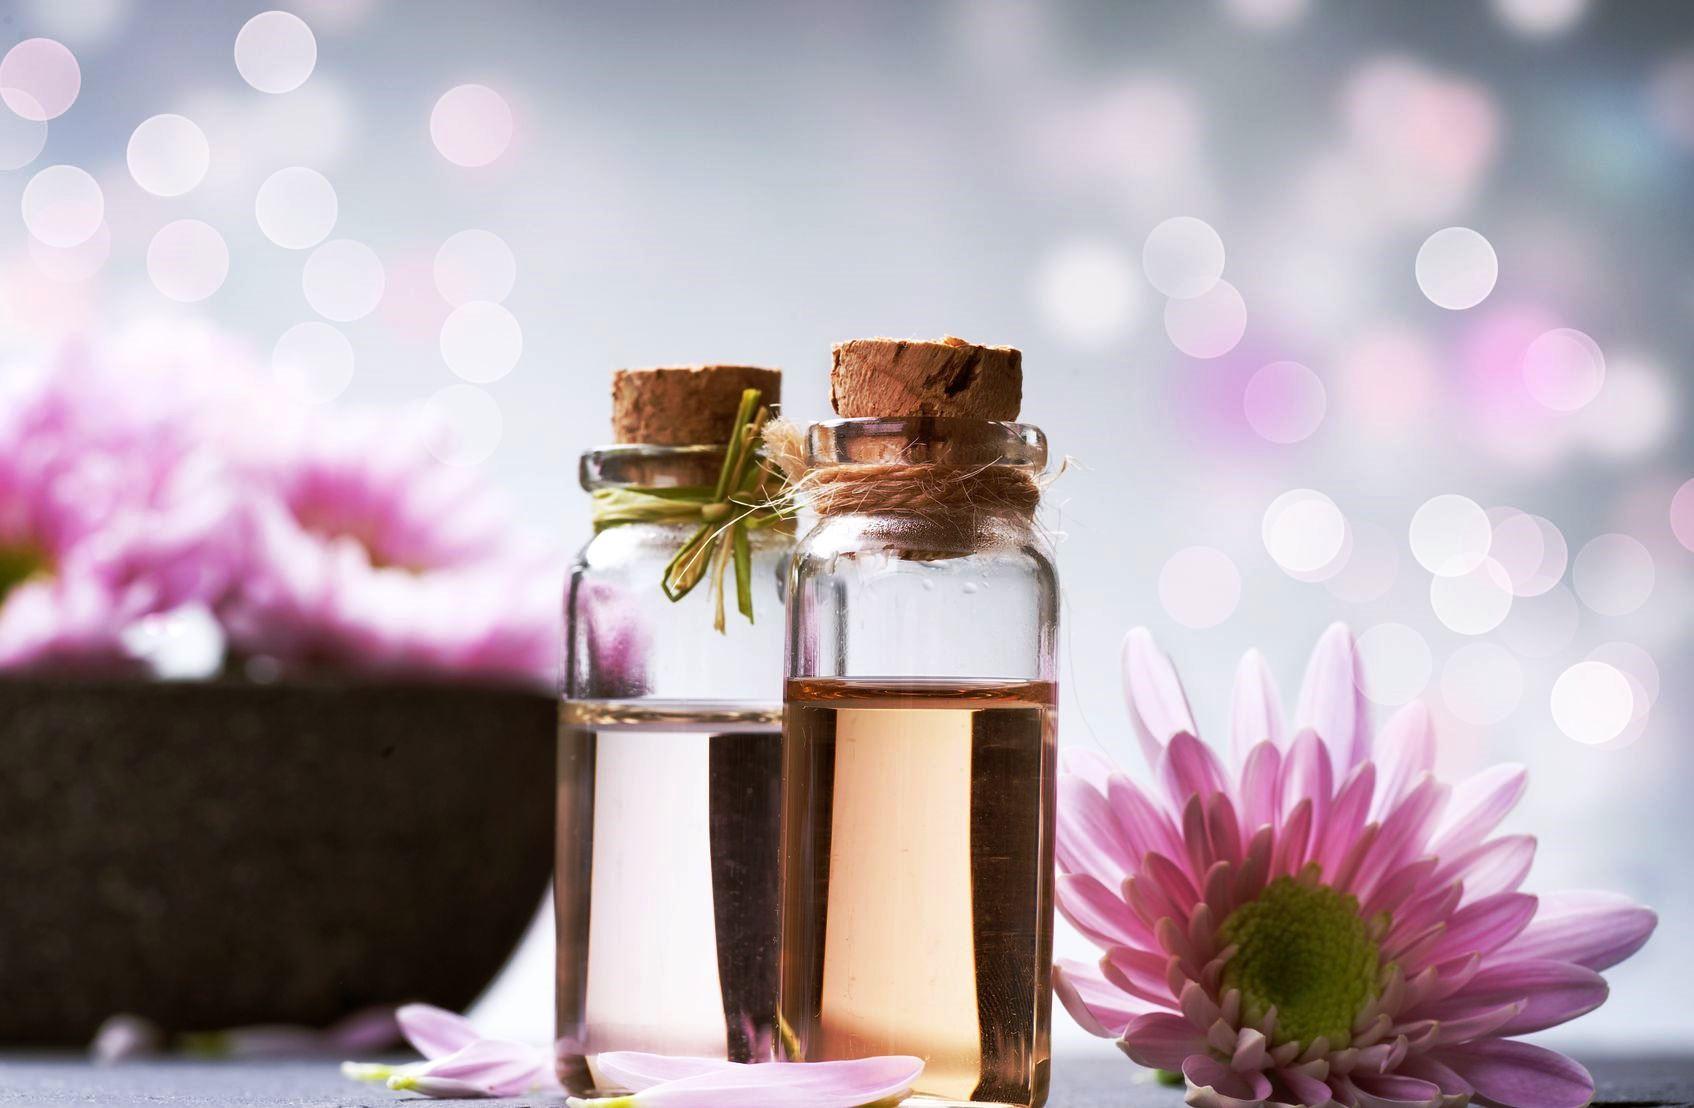 Эфирные масла от перхоти: преимущества и недостатки